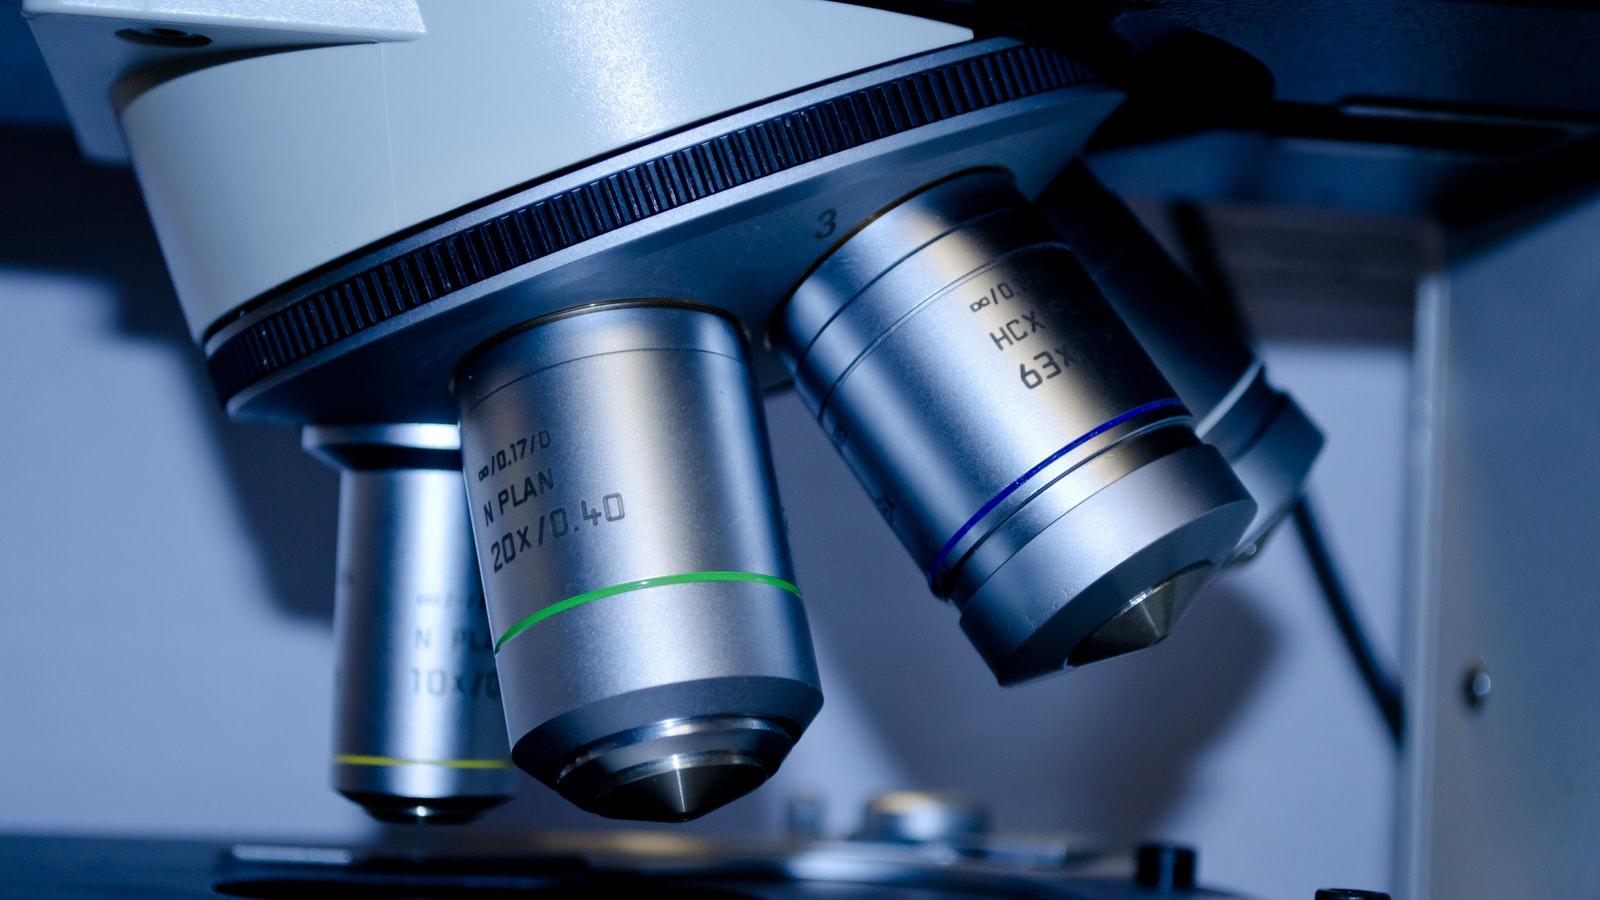 Biyomedikal Mühendisliği Lisans Programı 2019 Başarı Sıralamaları Burada!